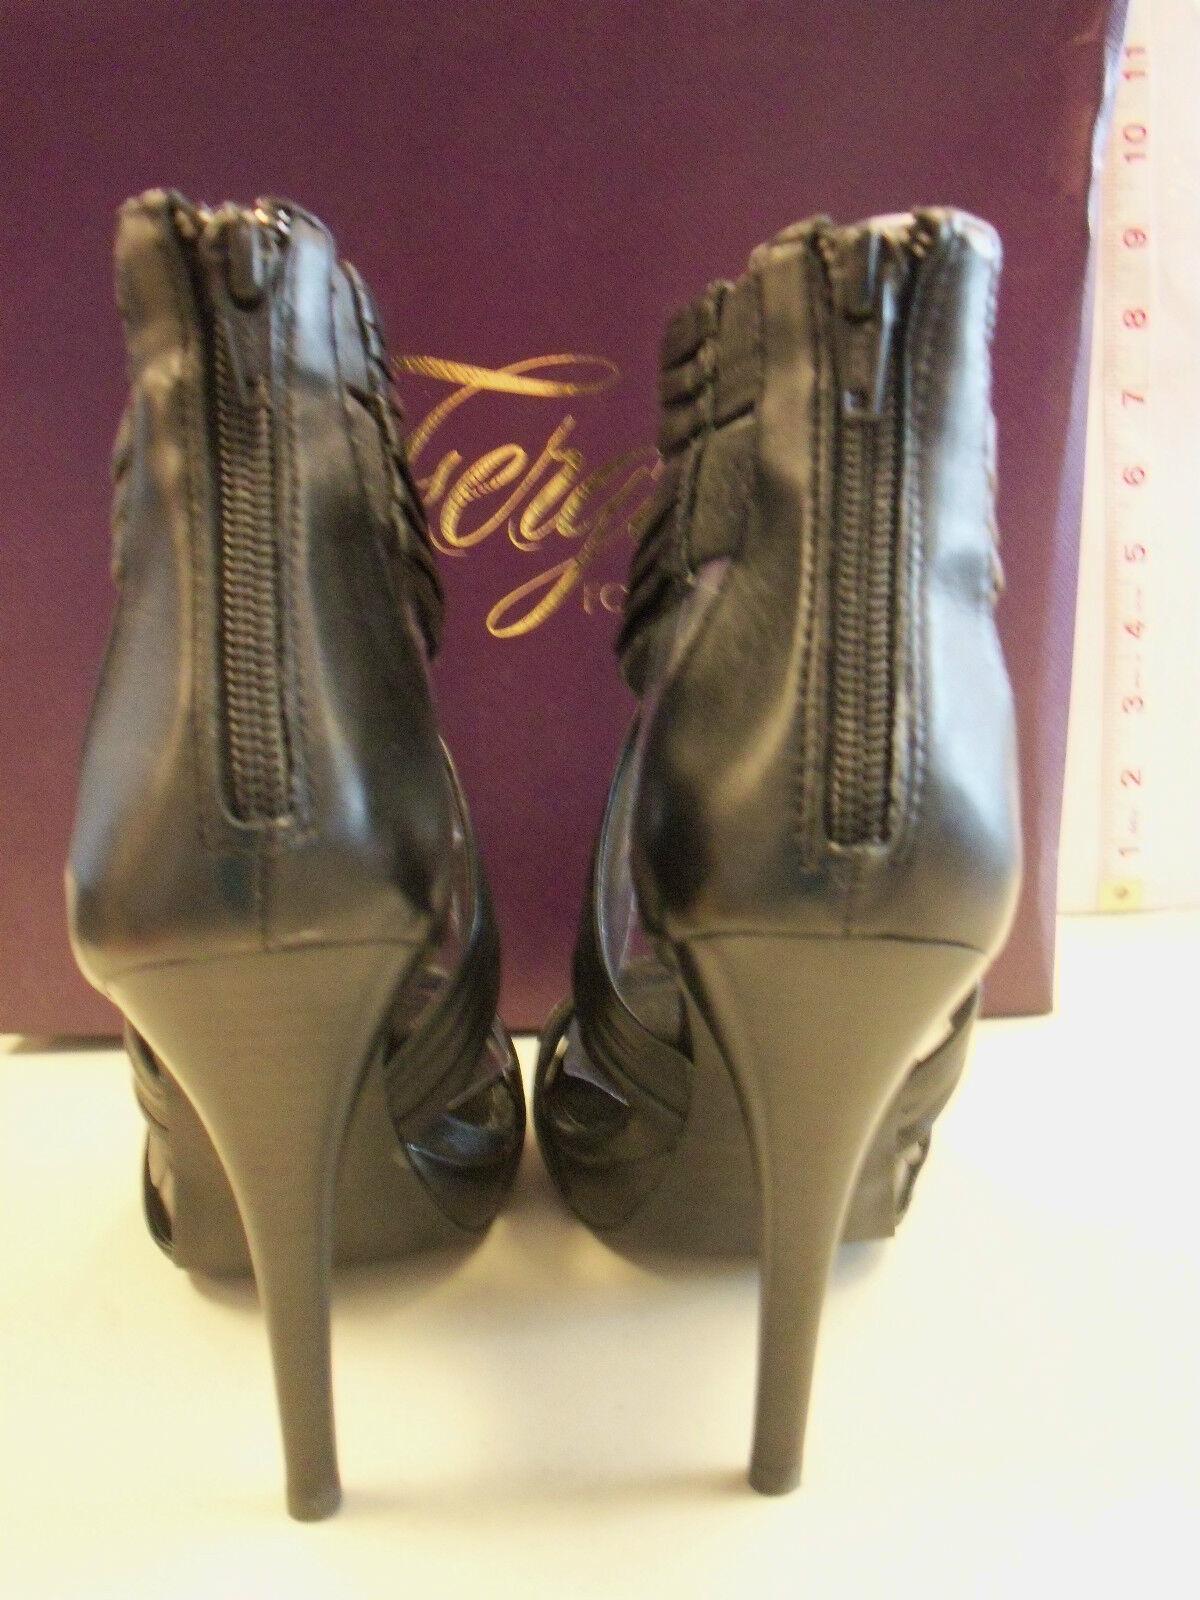 Fergie New Womens Sanibel Black Stiletto Heels 6 M shoes shoes shoes a86974